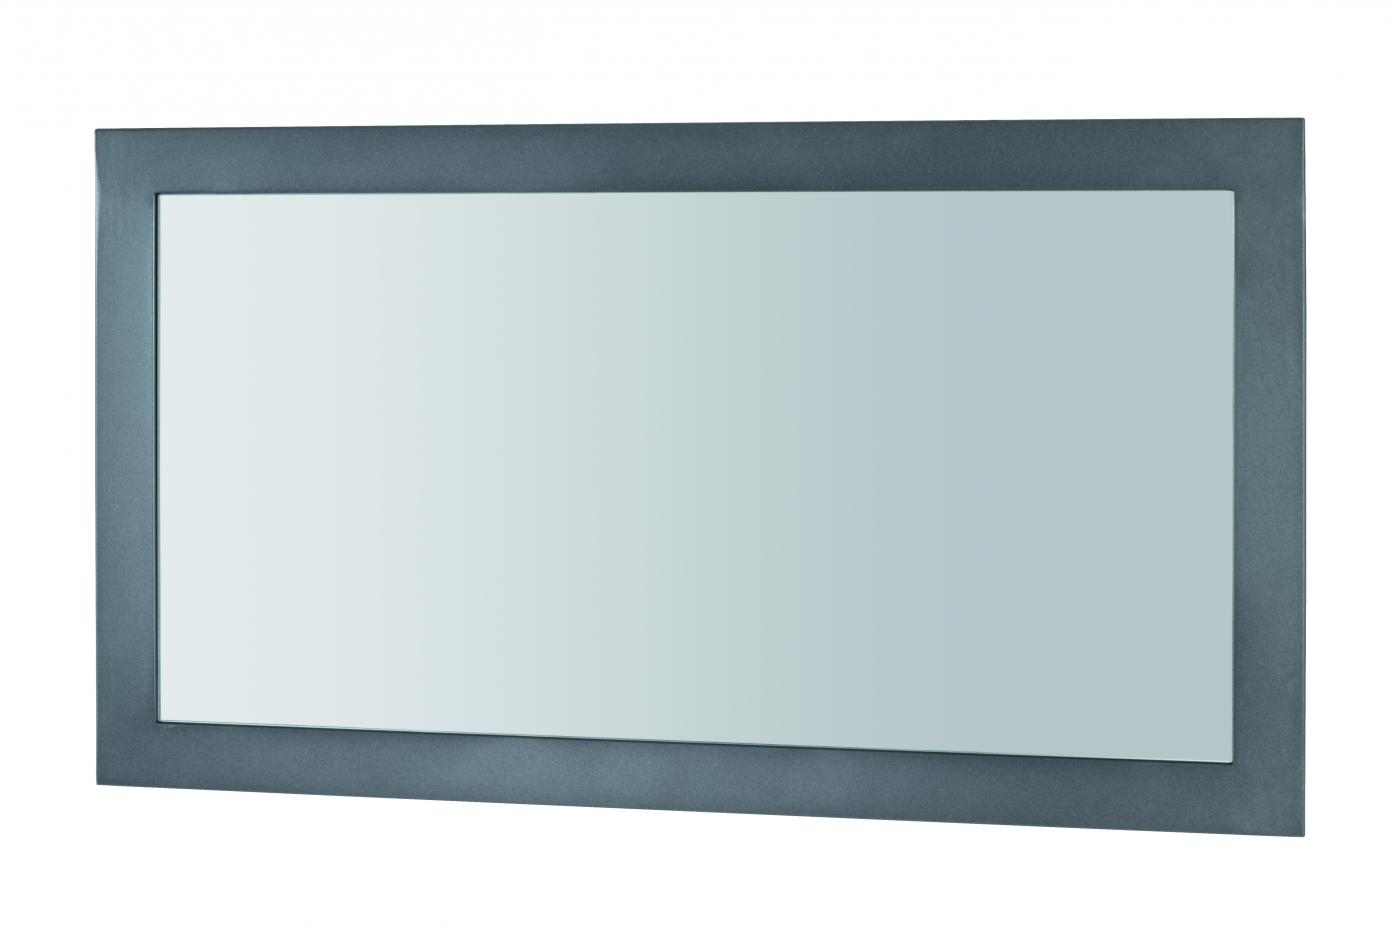 Nástěnné zrcadlo Junny, 90 cm, antracitová